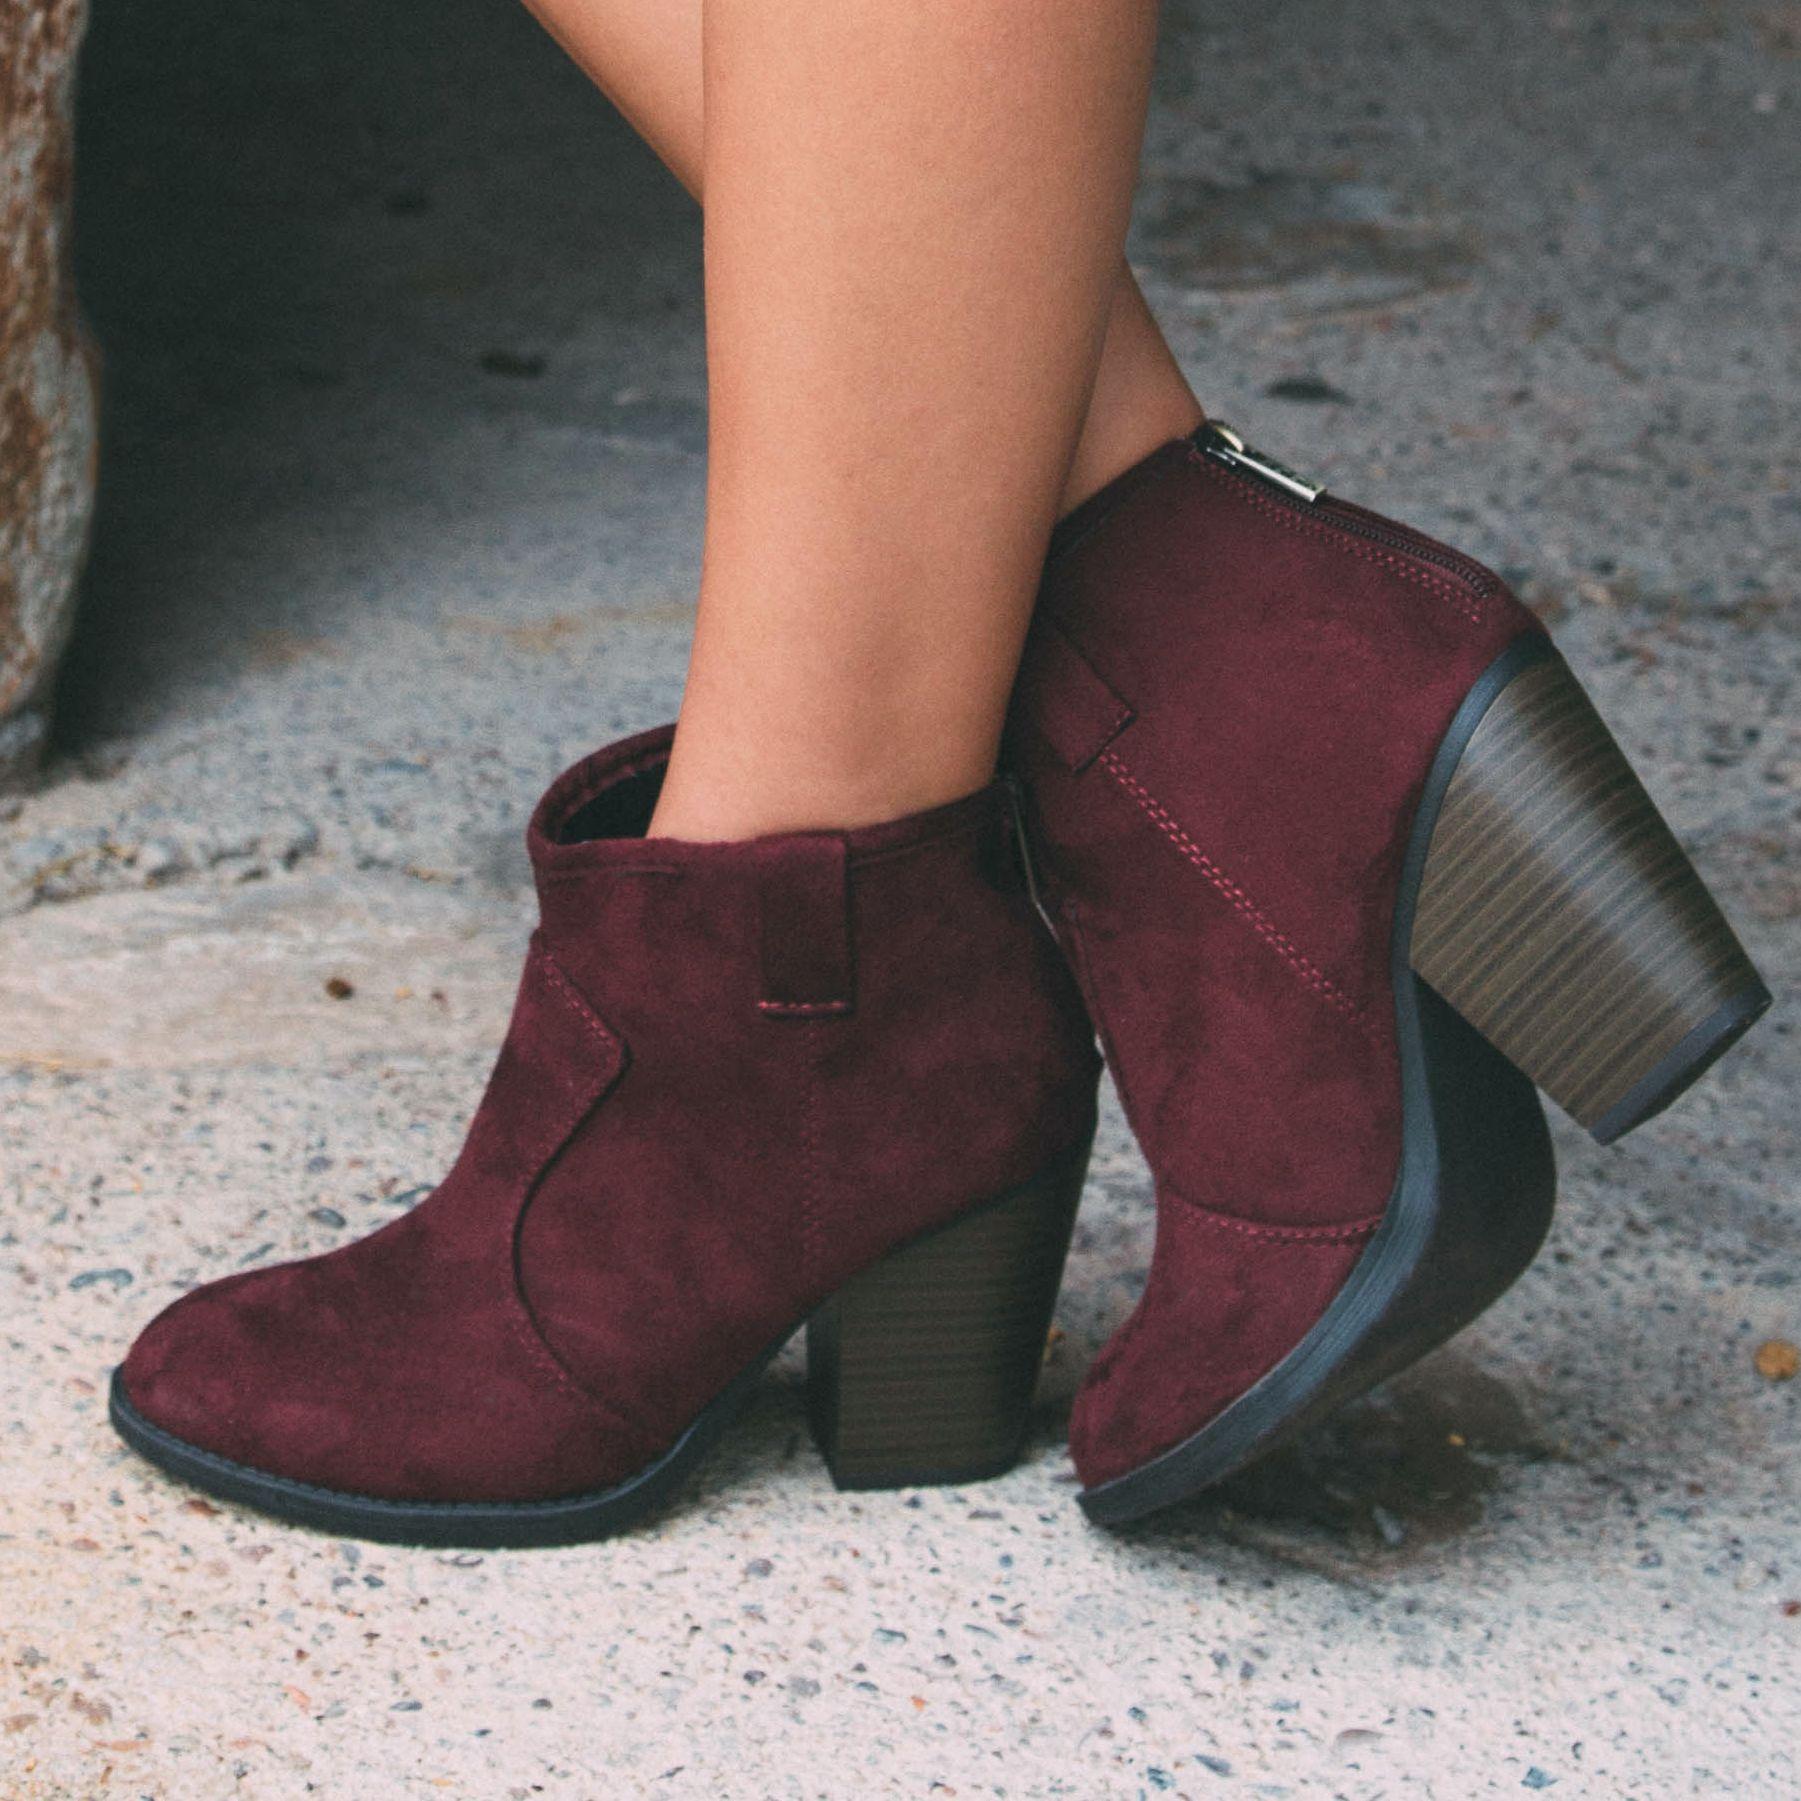 42b34c06 Botines granates | Botas | Shoes, Shoe boots, Shoes sandals